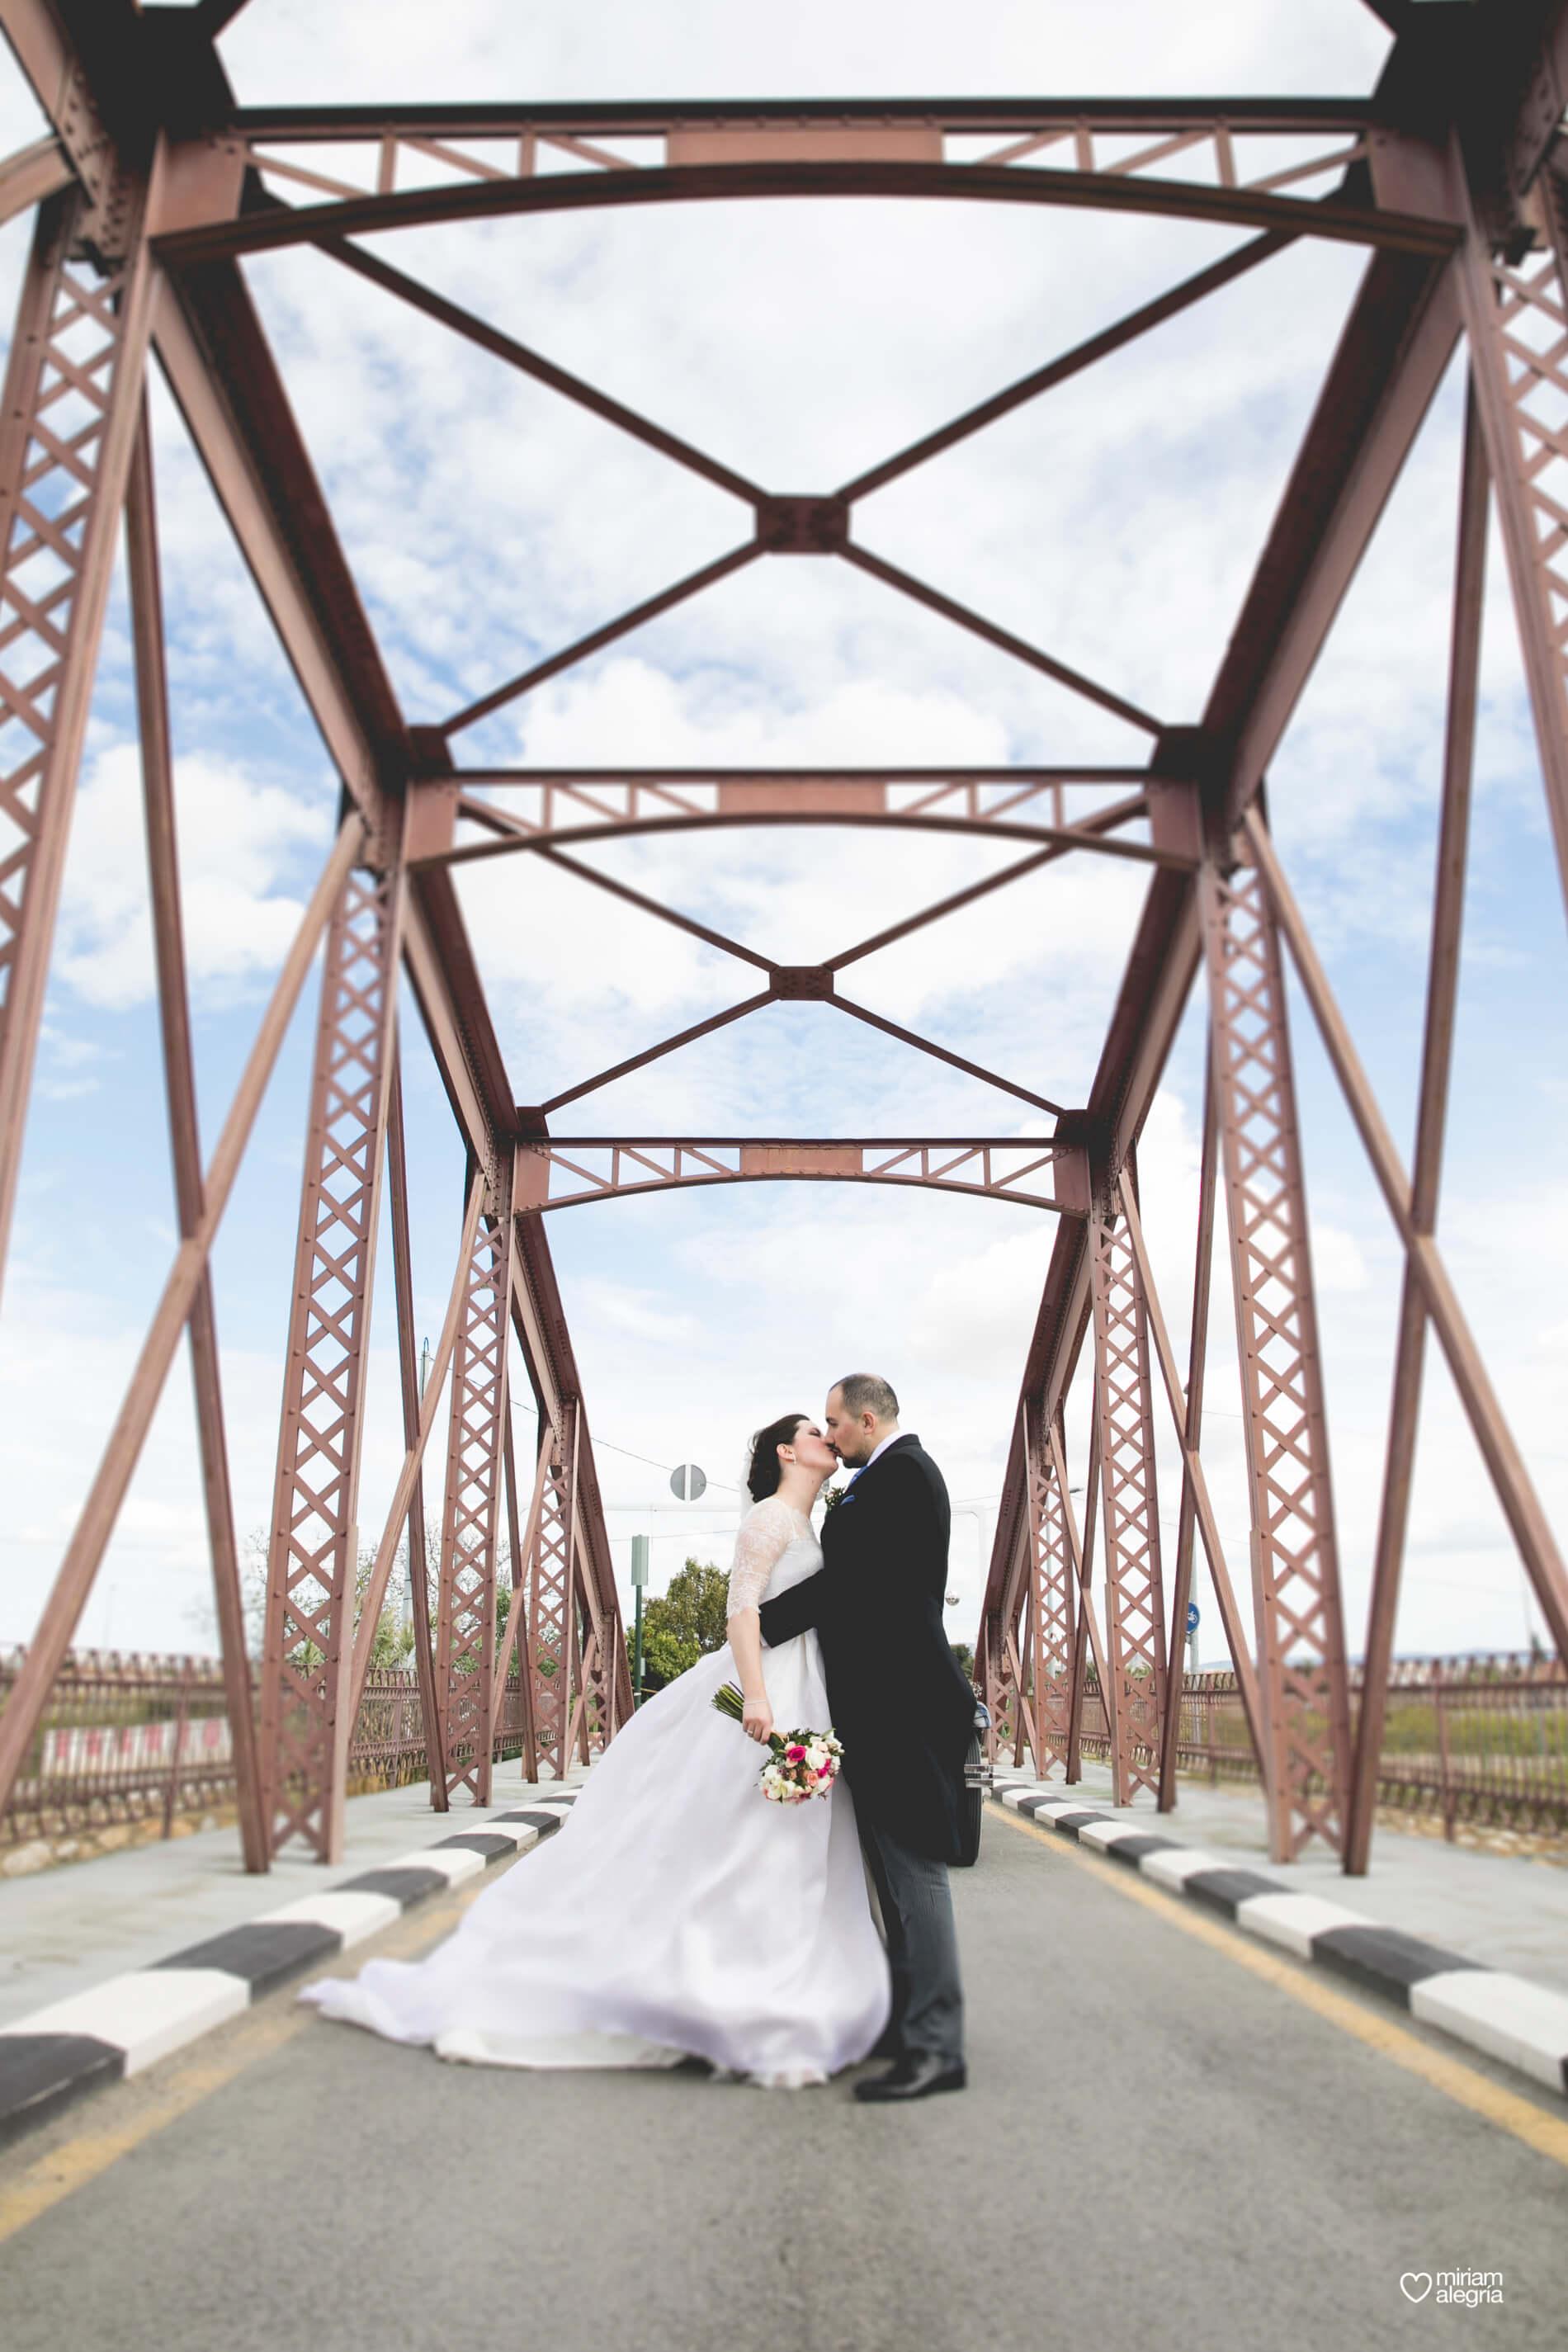 boda-en-el-rincon-huertano-miriam-alegria-fotografos-boda-murcia-99